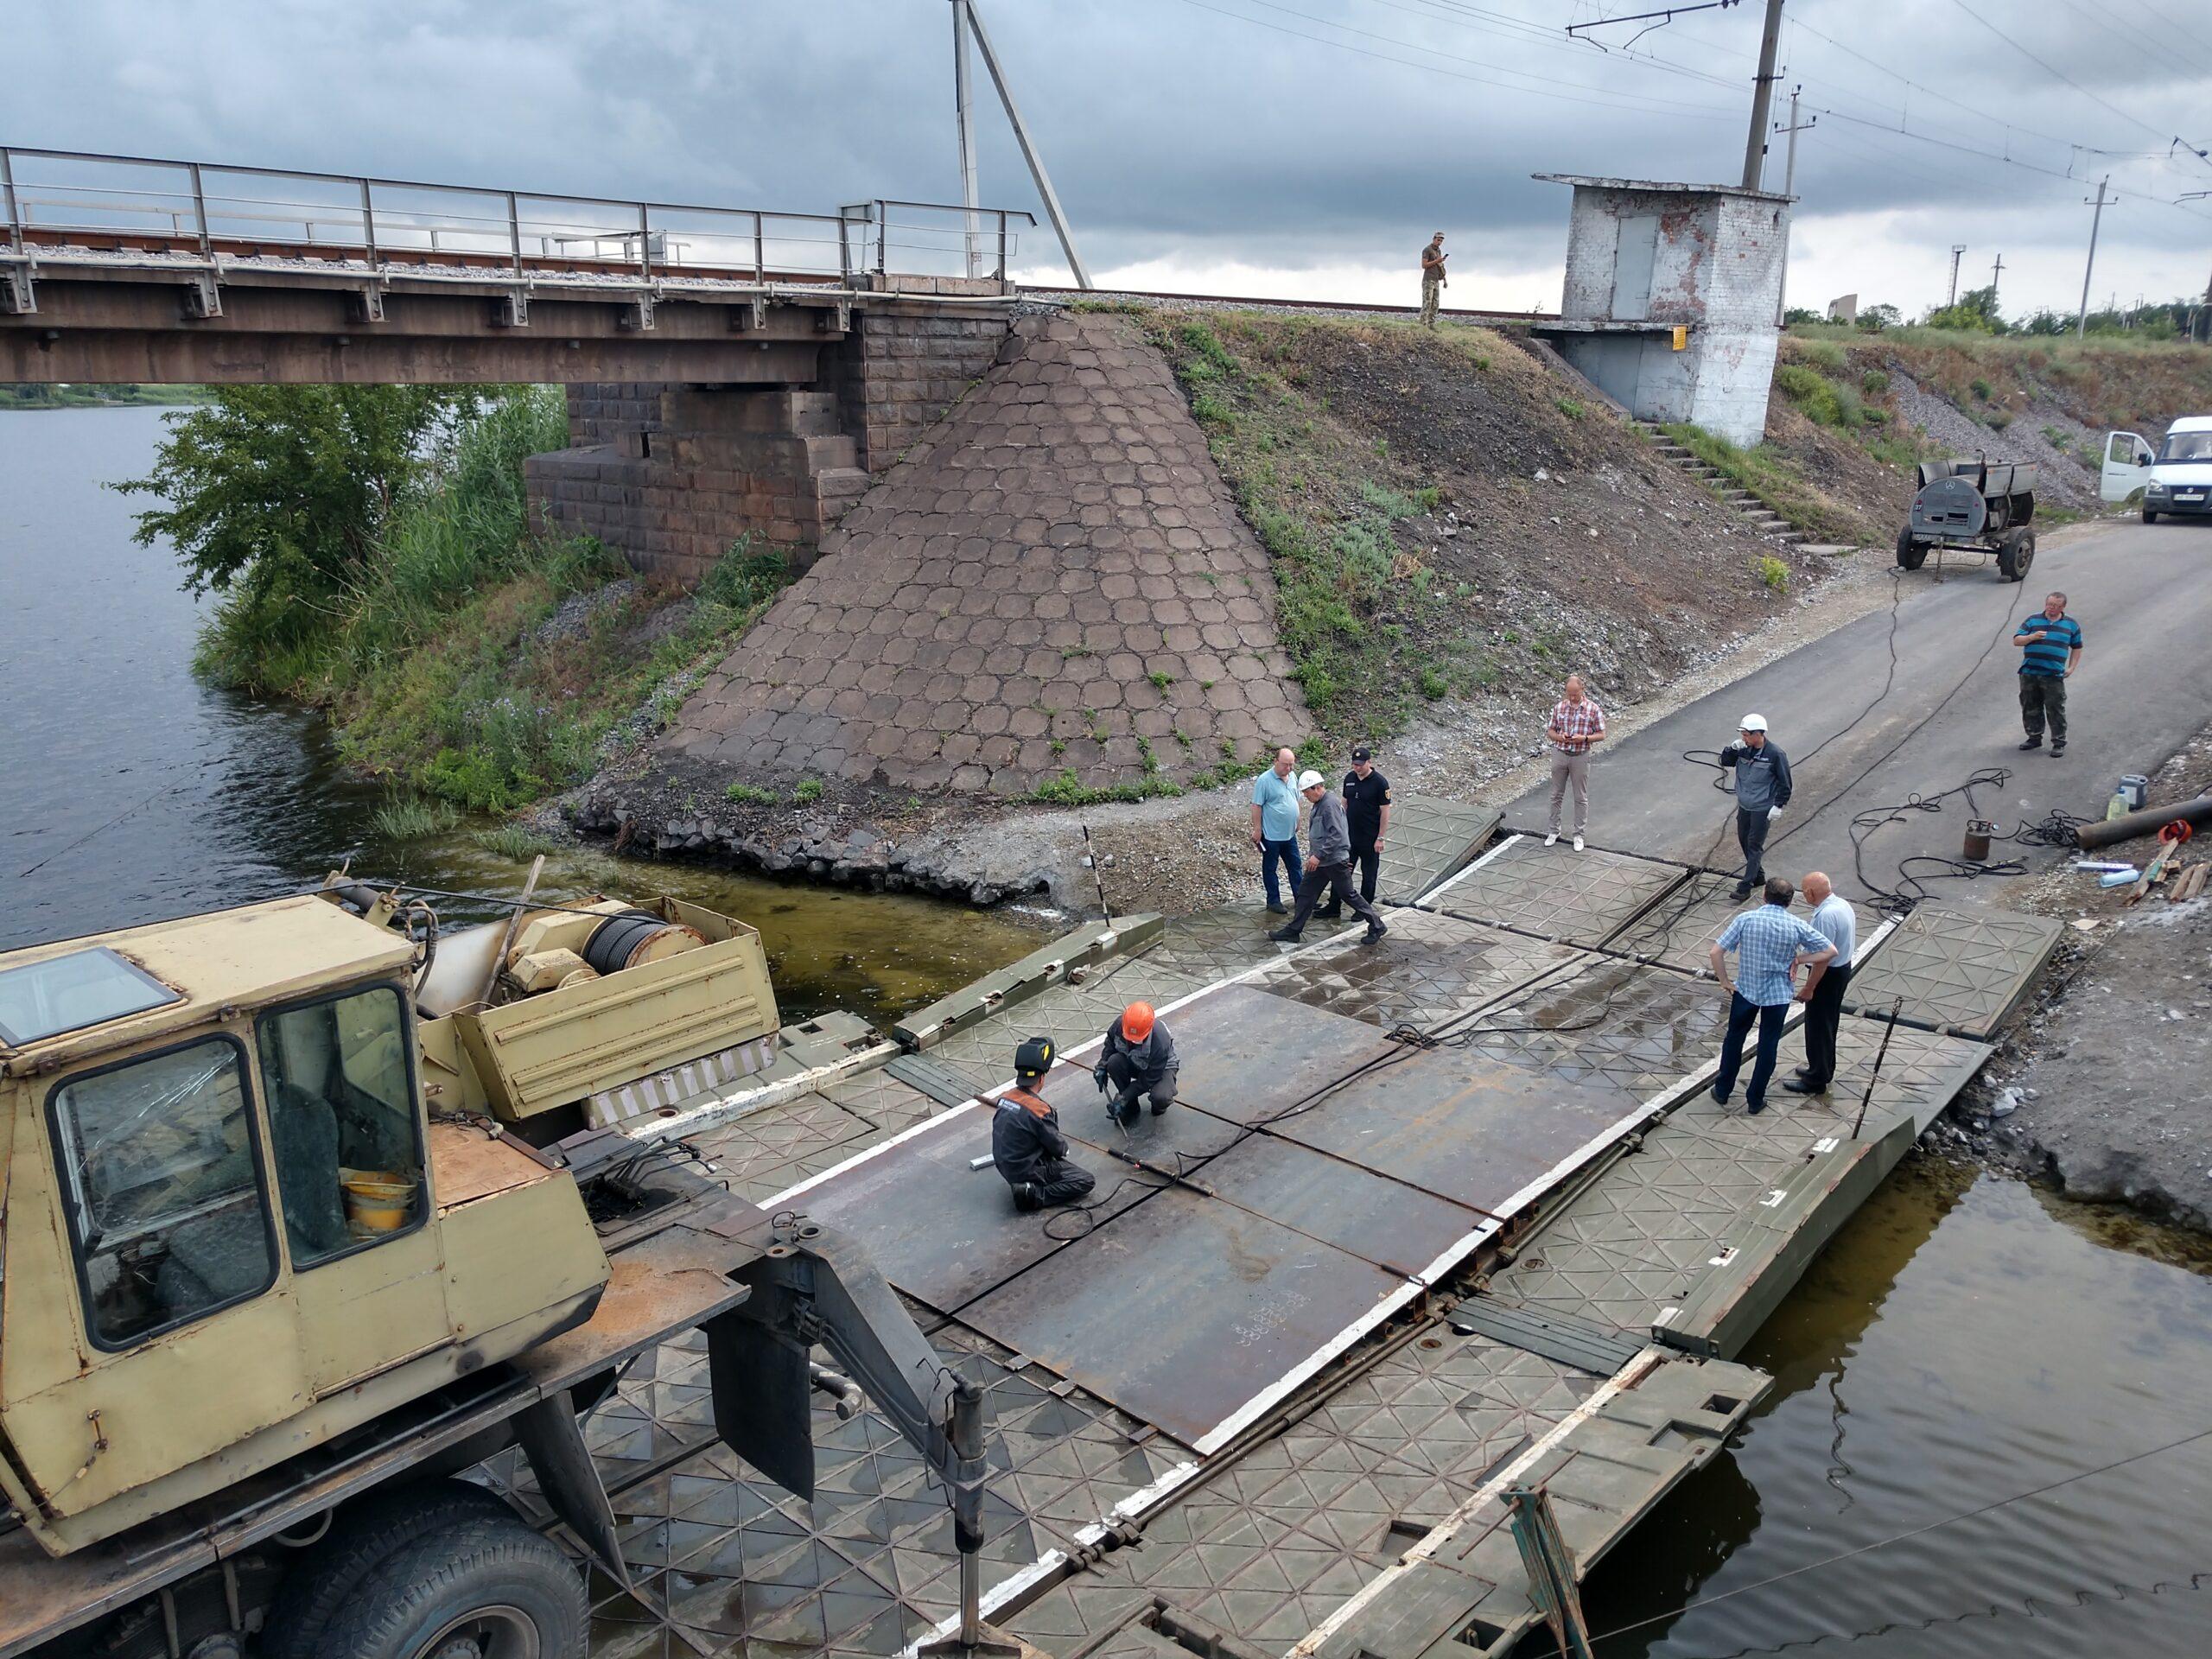 Понтонная переправа в Алексеевке опять не работает | Прихист